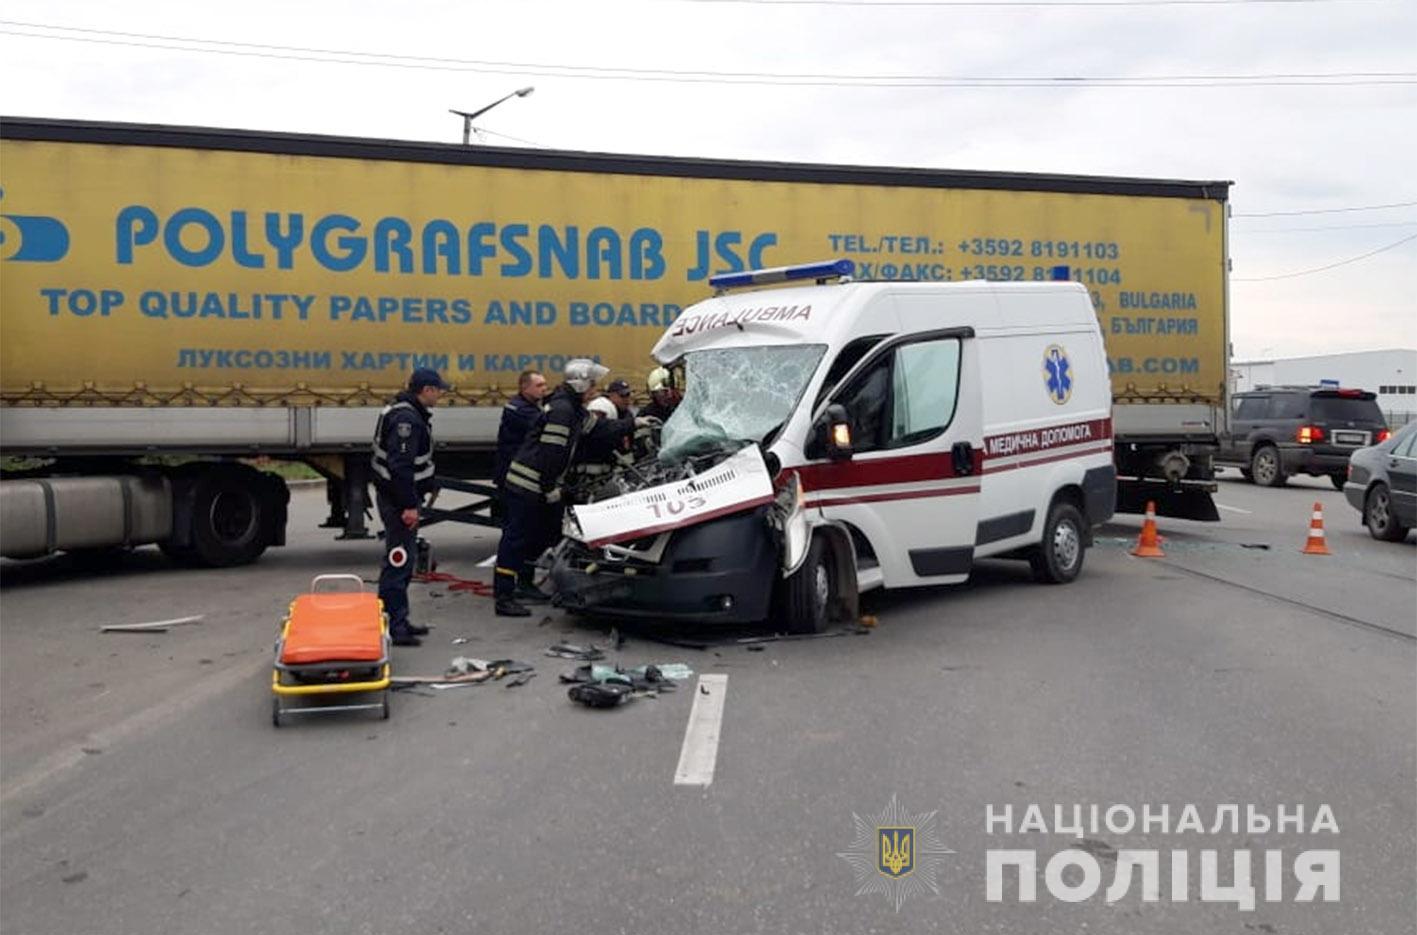 В Хмельницкой области фура врезалась в «скорую» — трое пострадавших. За рулем был иностранец